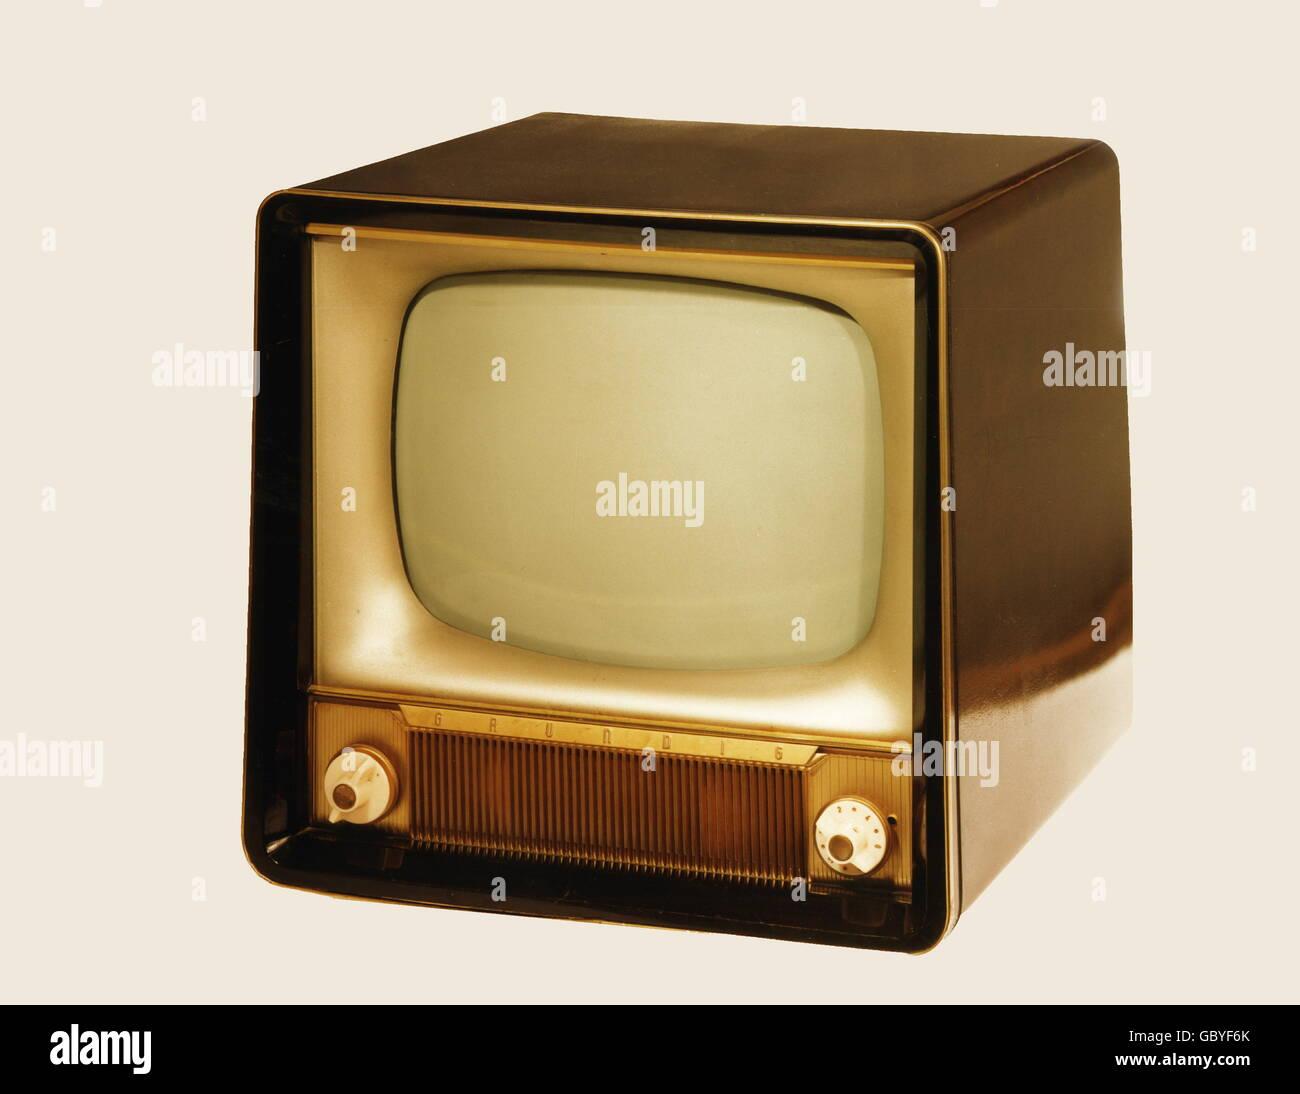 live share grundig tv download